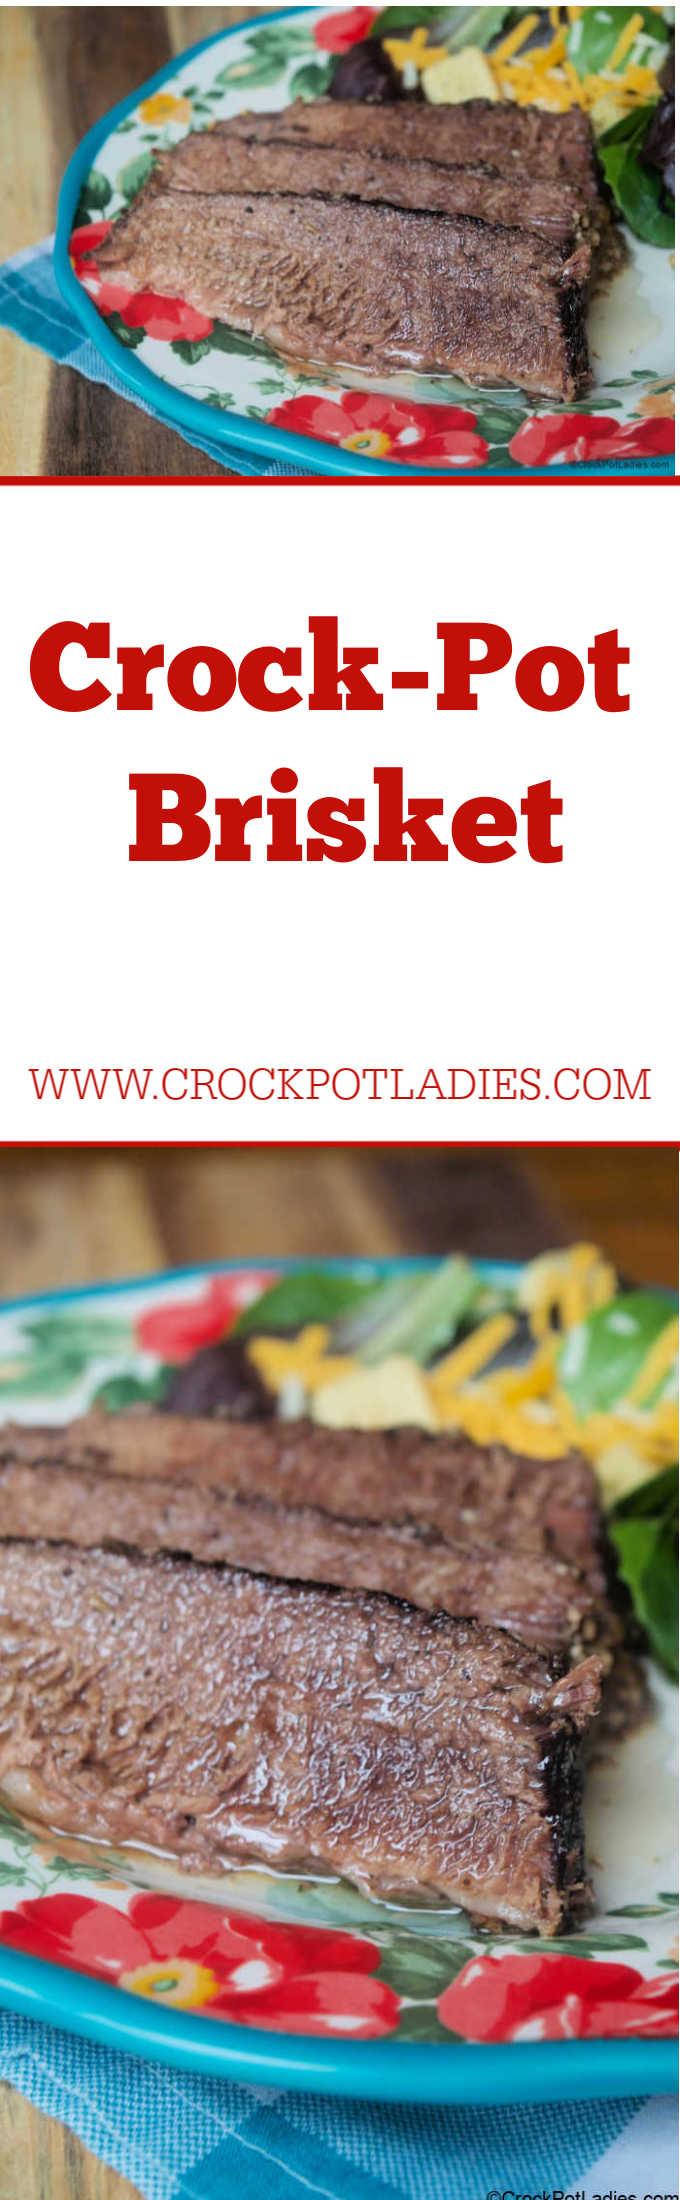 Crock-Pot Brisket